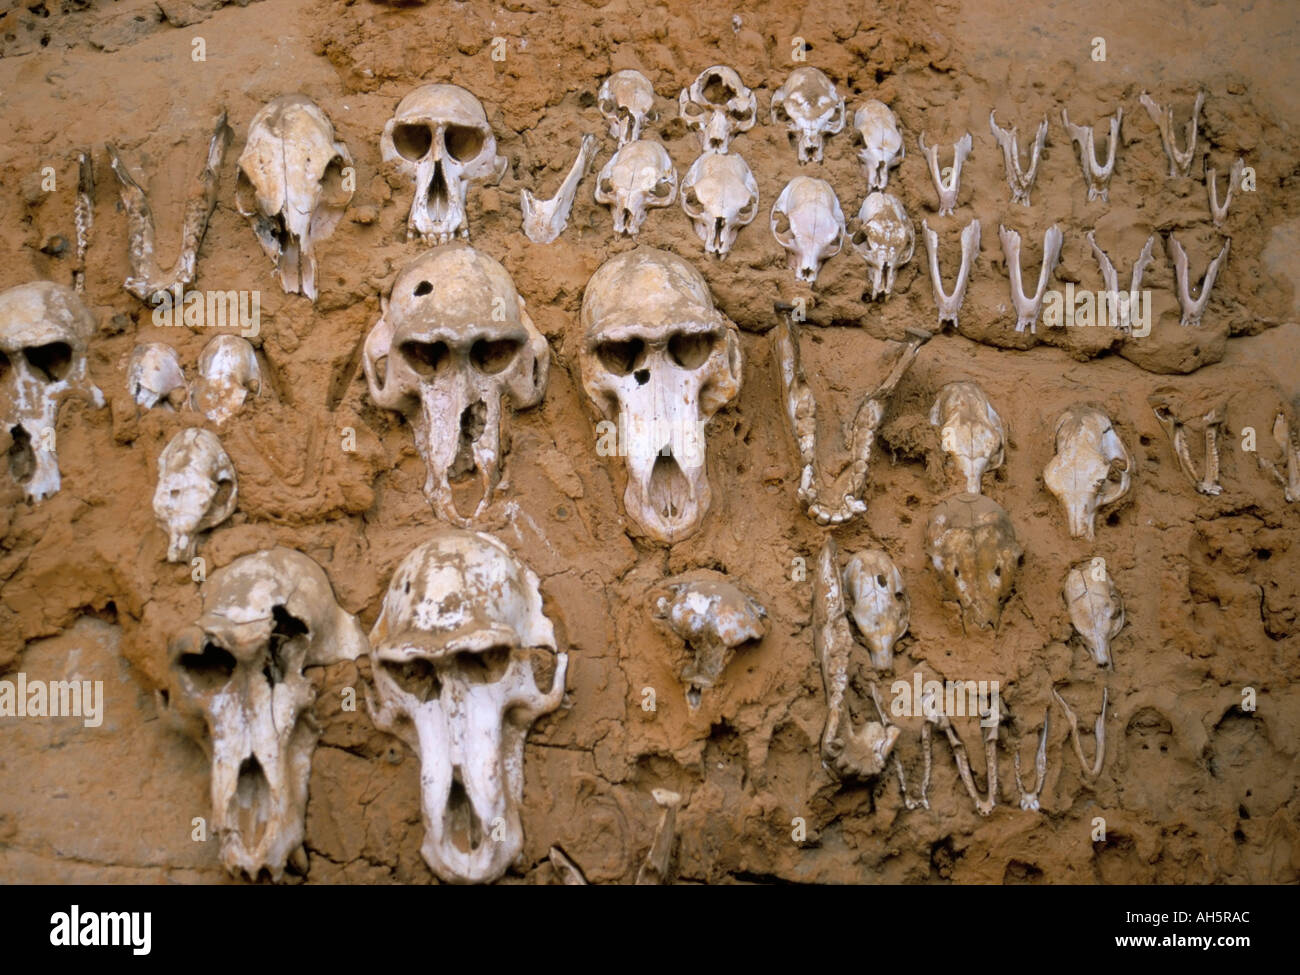 Affe Schädel eingebettet in Schlamm-Mauer zum Schutz gegen böse Geister Dogon Dorf von Telle UNESCO World Heritage Site Mali Afrika Stockbild